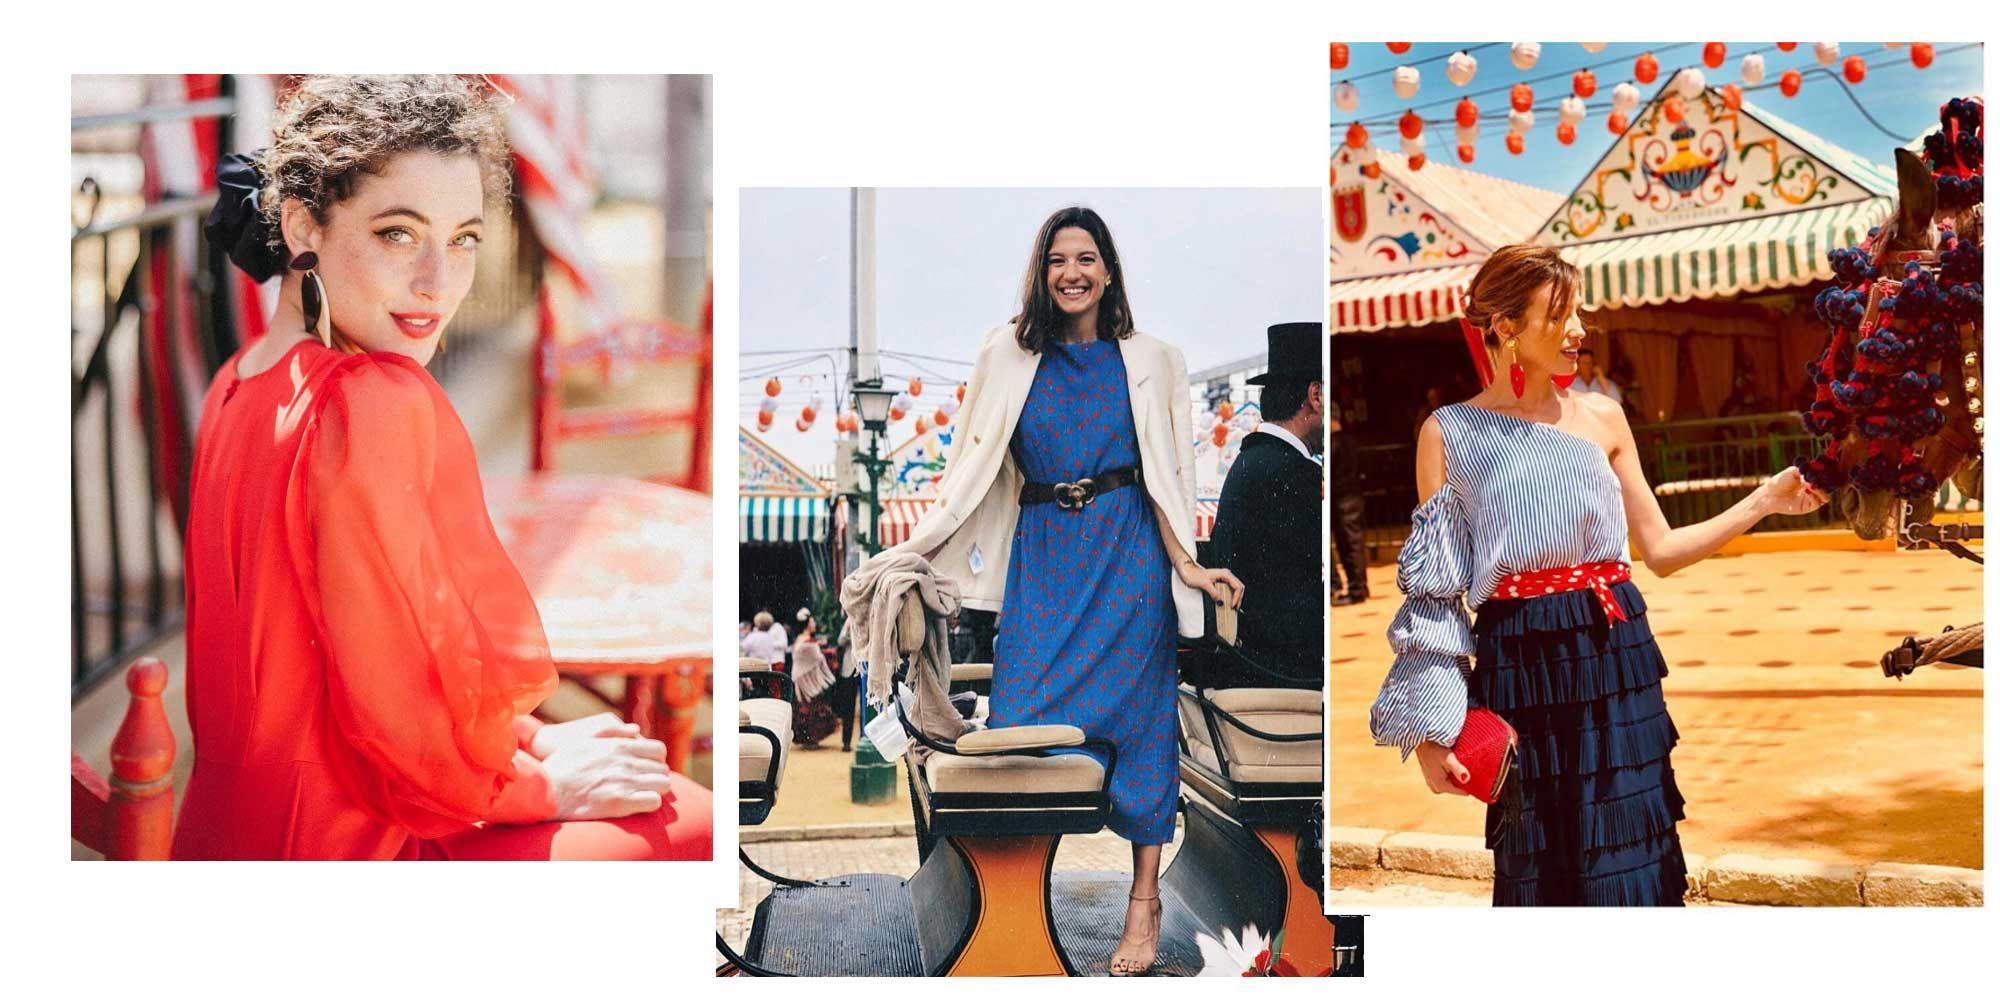 Cómo Sevilla La Vestirse Feria En De pVSzULqMG